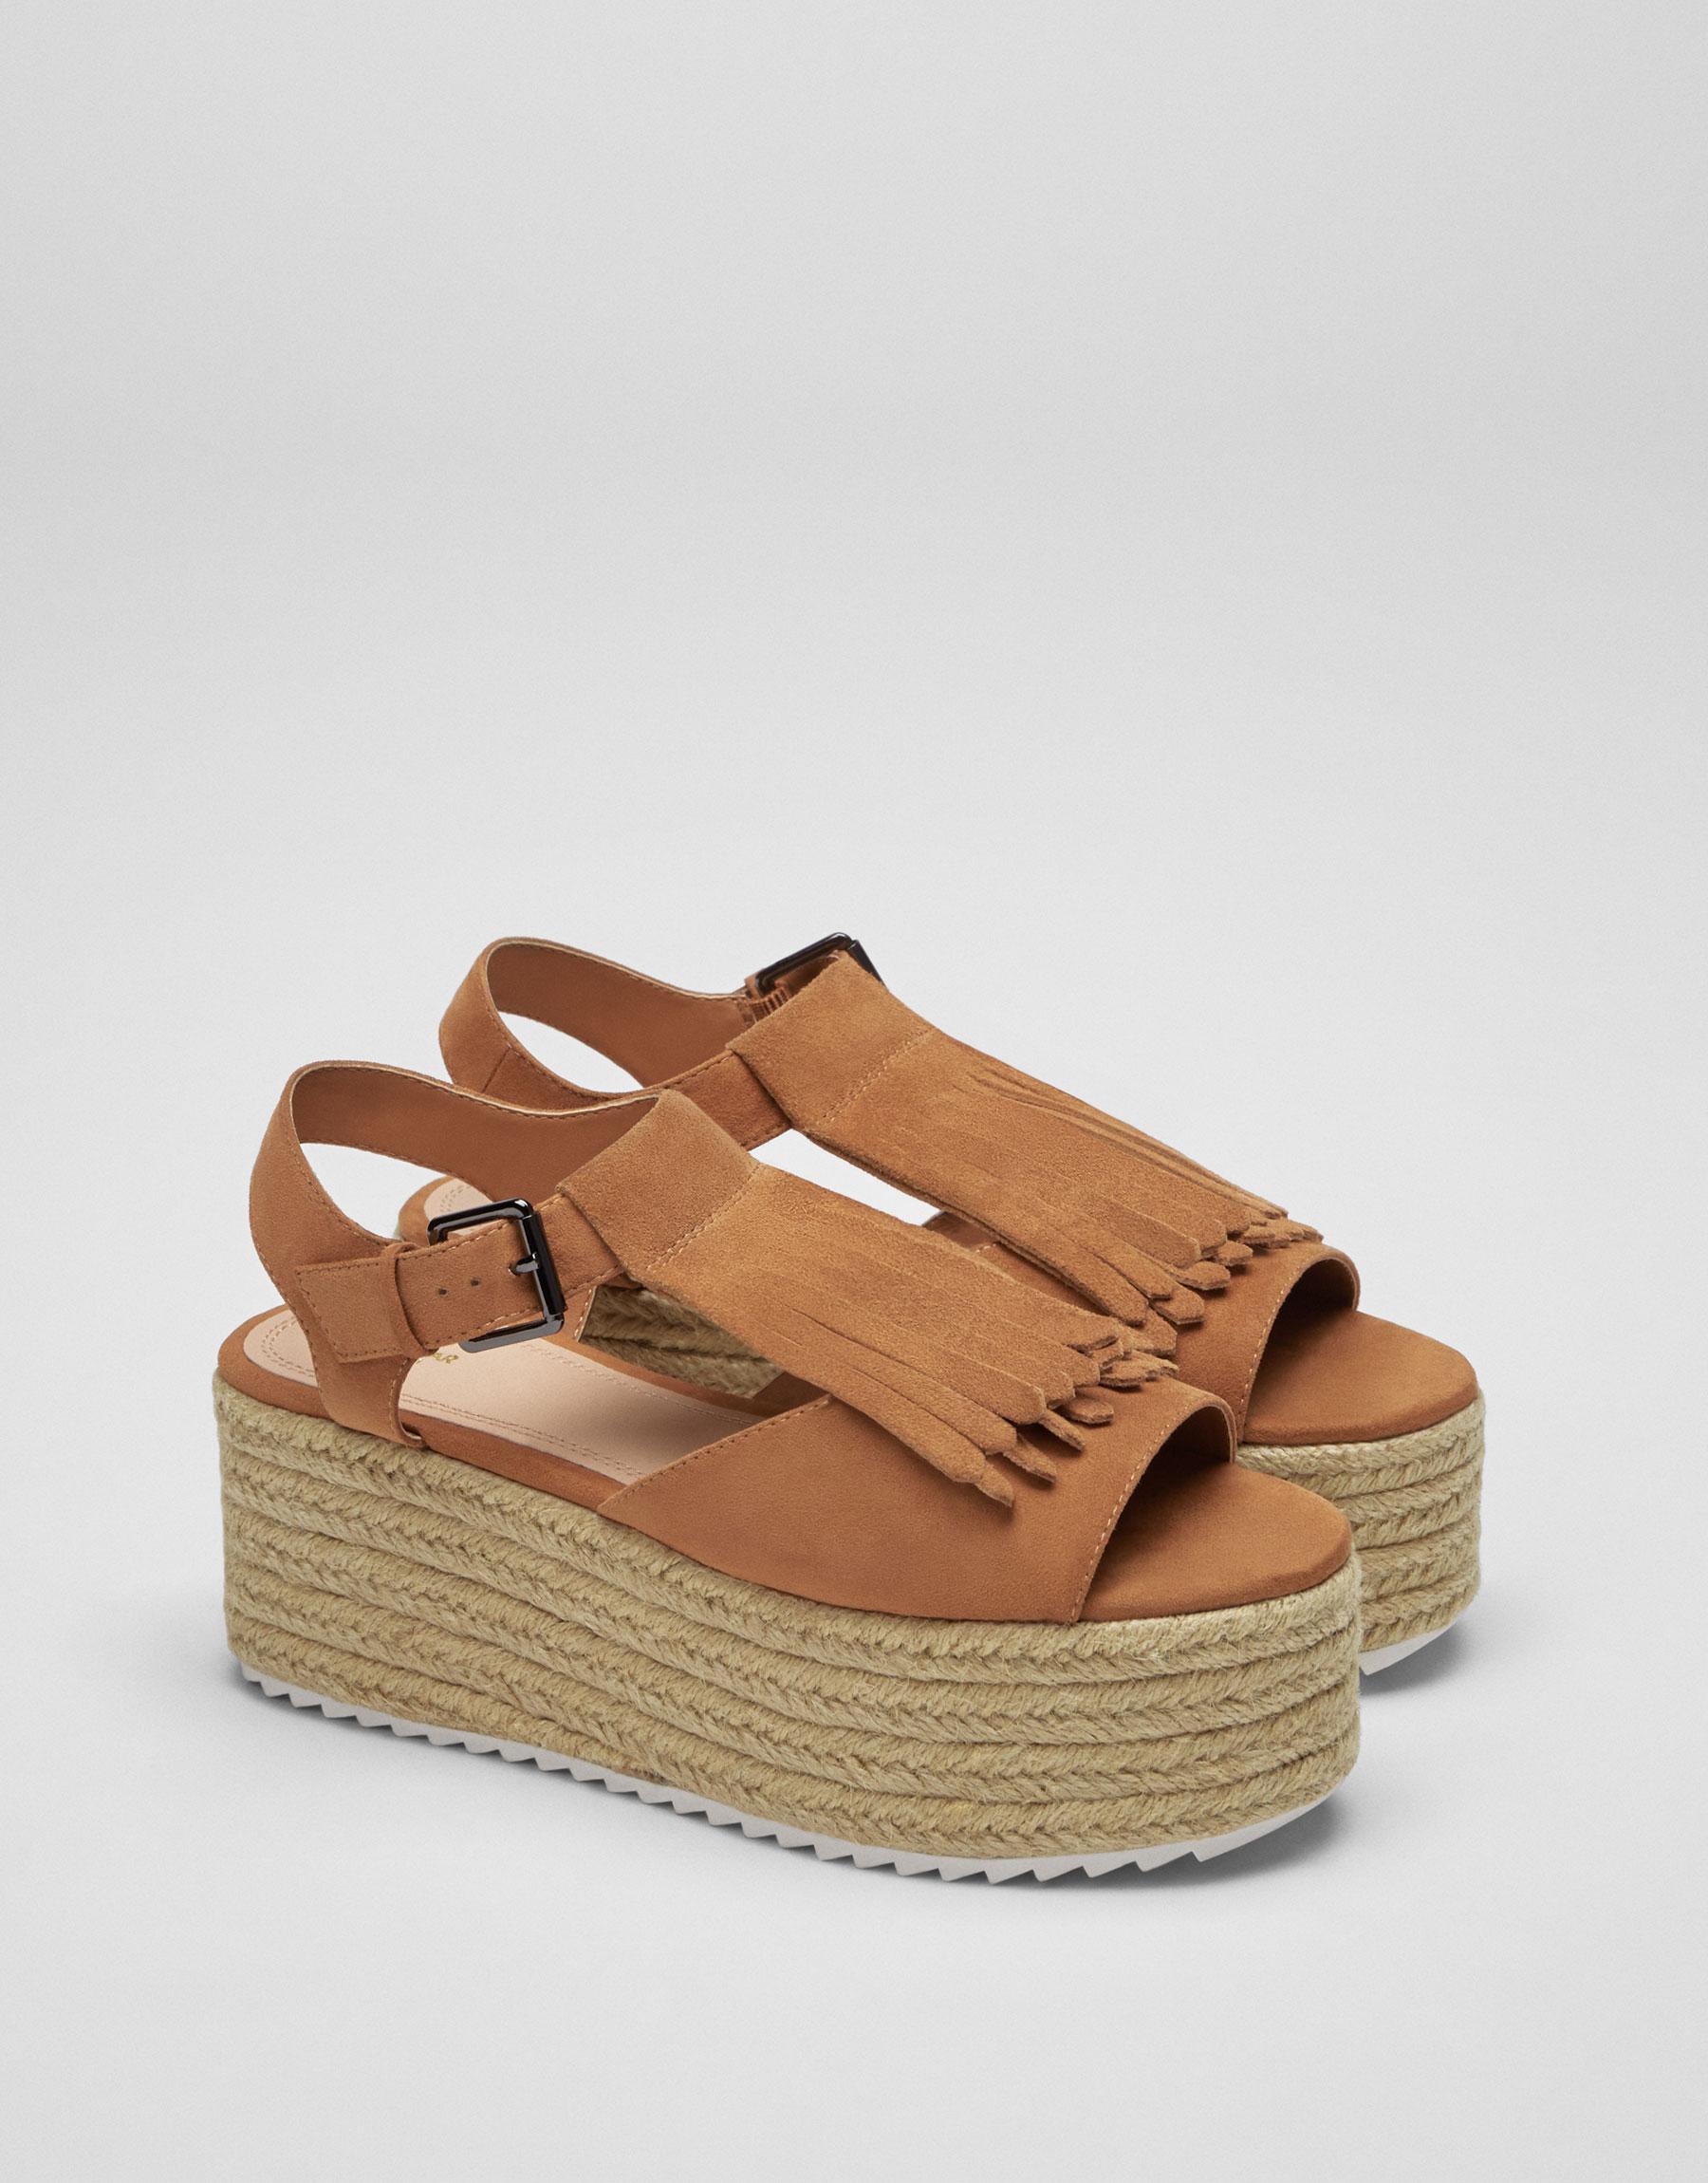 Flatform-Sandale aus Jute